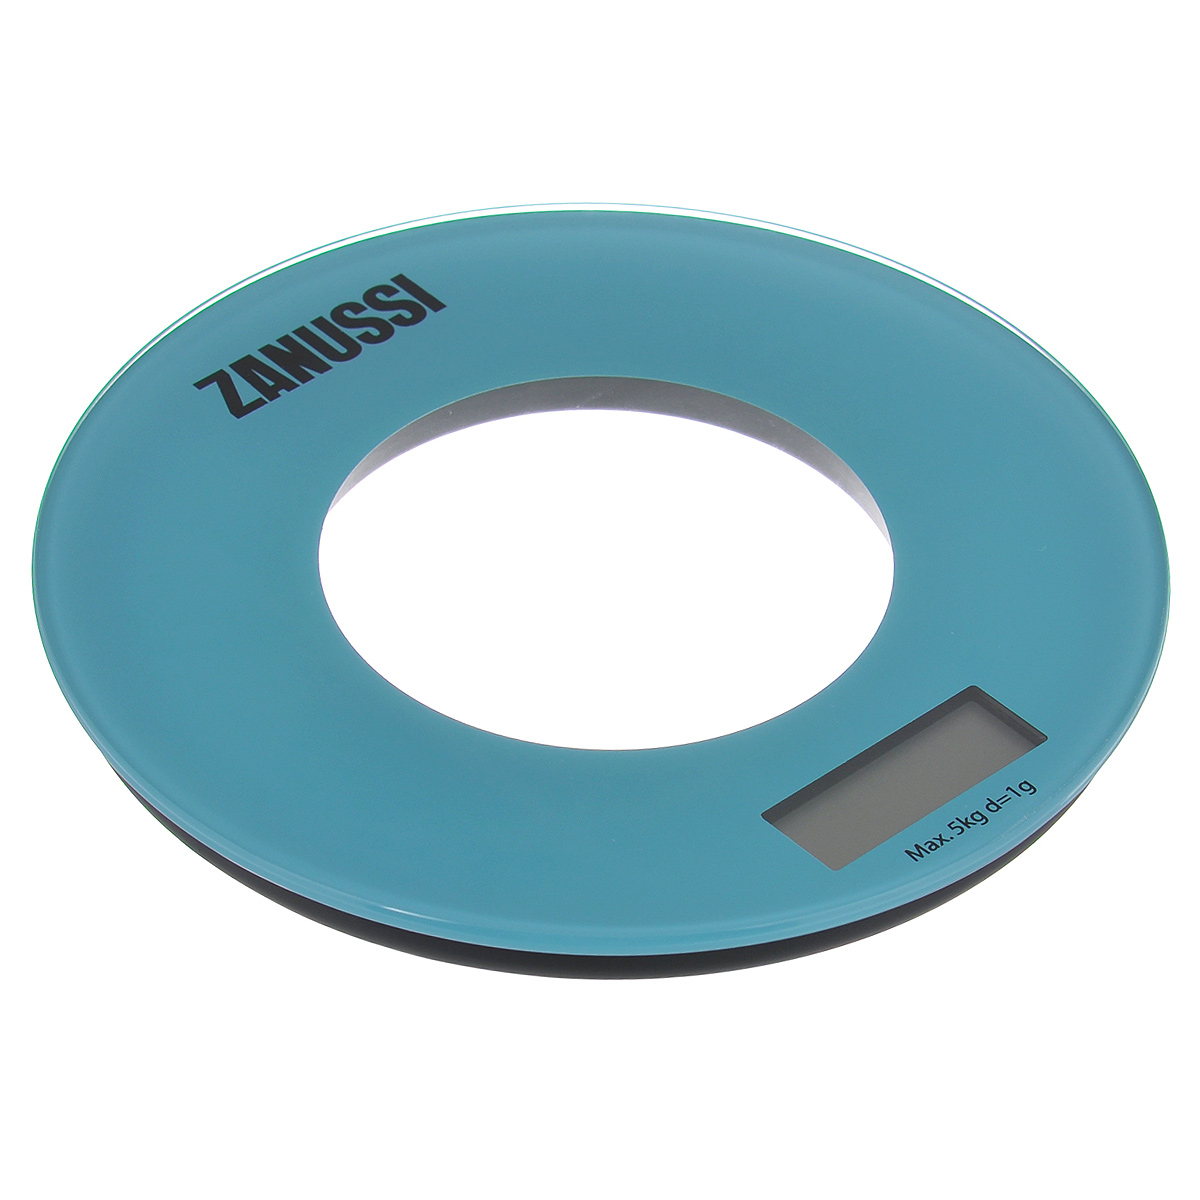 Кухонные весы Bologna, голубойZSE21221FFЭлектронные кухонные весы Zanussi Bologna придутся по душе каждой хозяйке и станут незаменимым аксессуаром на кухне. Ультратонкий корпус весов выполнен из пластика с цифровым ЖК-дисплеем. Весы выдерживают до 5 килограмм и оснащены высокоточной сенсорной измерительной системой. Имеется индикатор низкого заряда батареи.С помощью таких электронных весов можно точно контролировать пропорции ингредиентов.УВАЖАЕМЫЕ КЛИЕНТЫ!Обращаем ваше внимание, что весы работают от одной литиевой батарейки CR2032 напряжением 3V (входит в комплект).